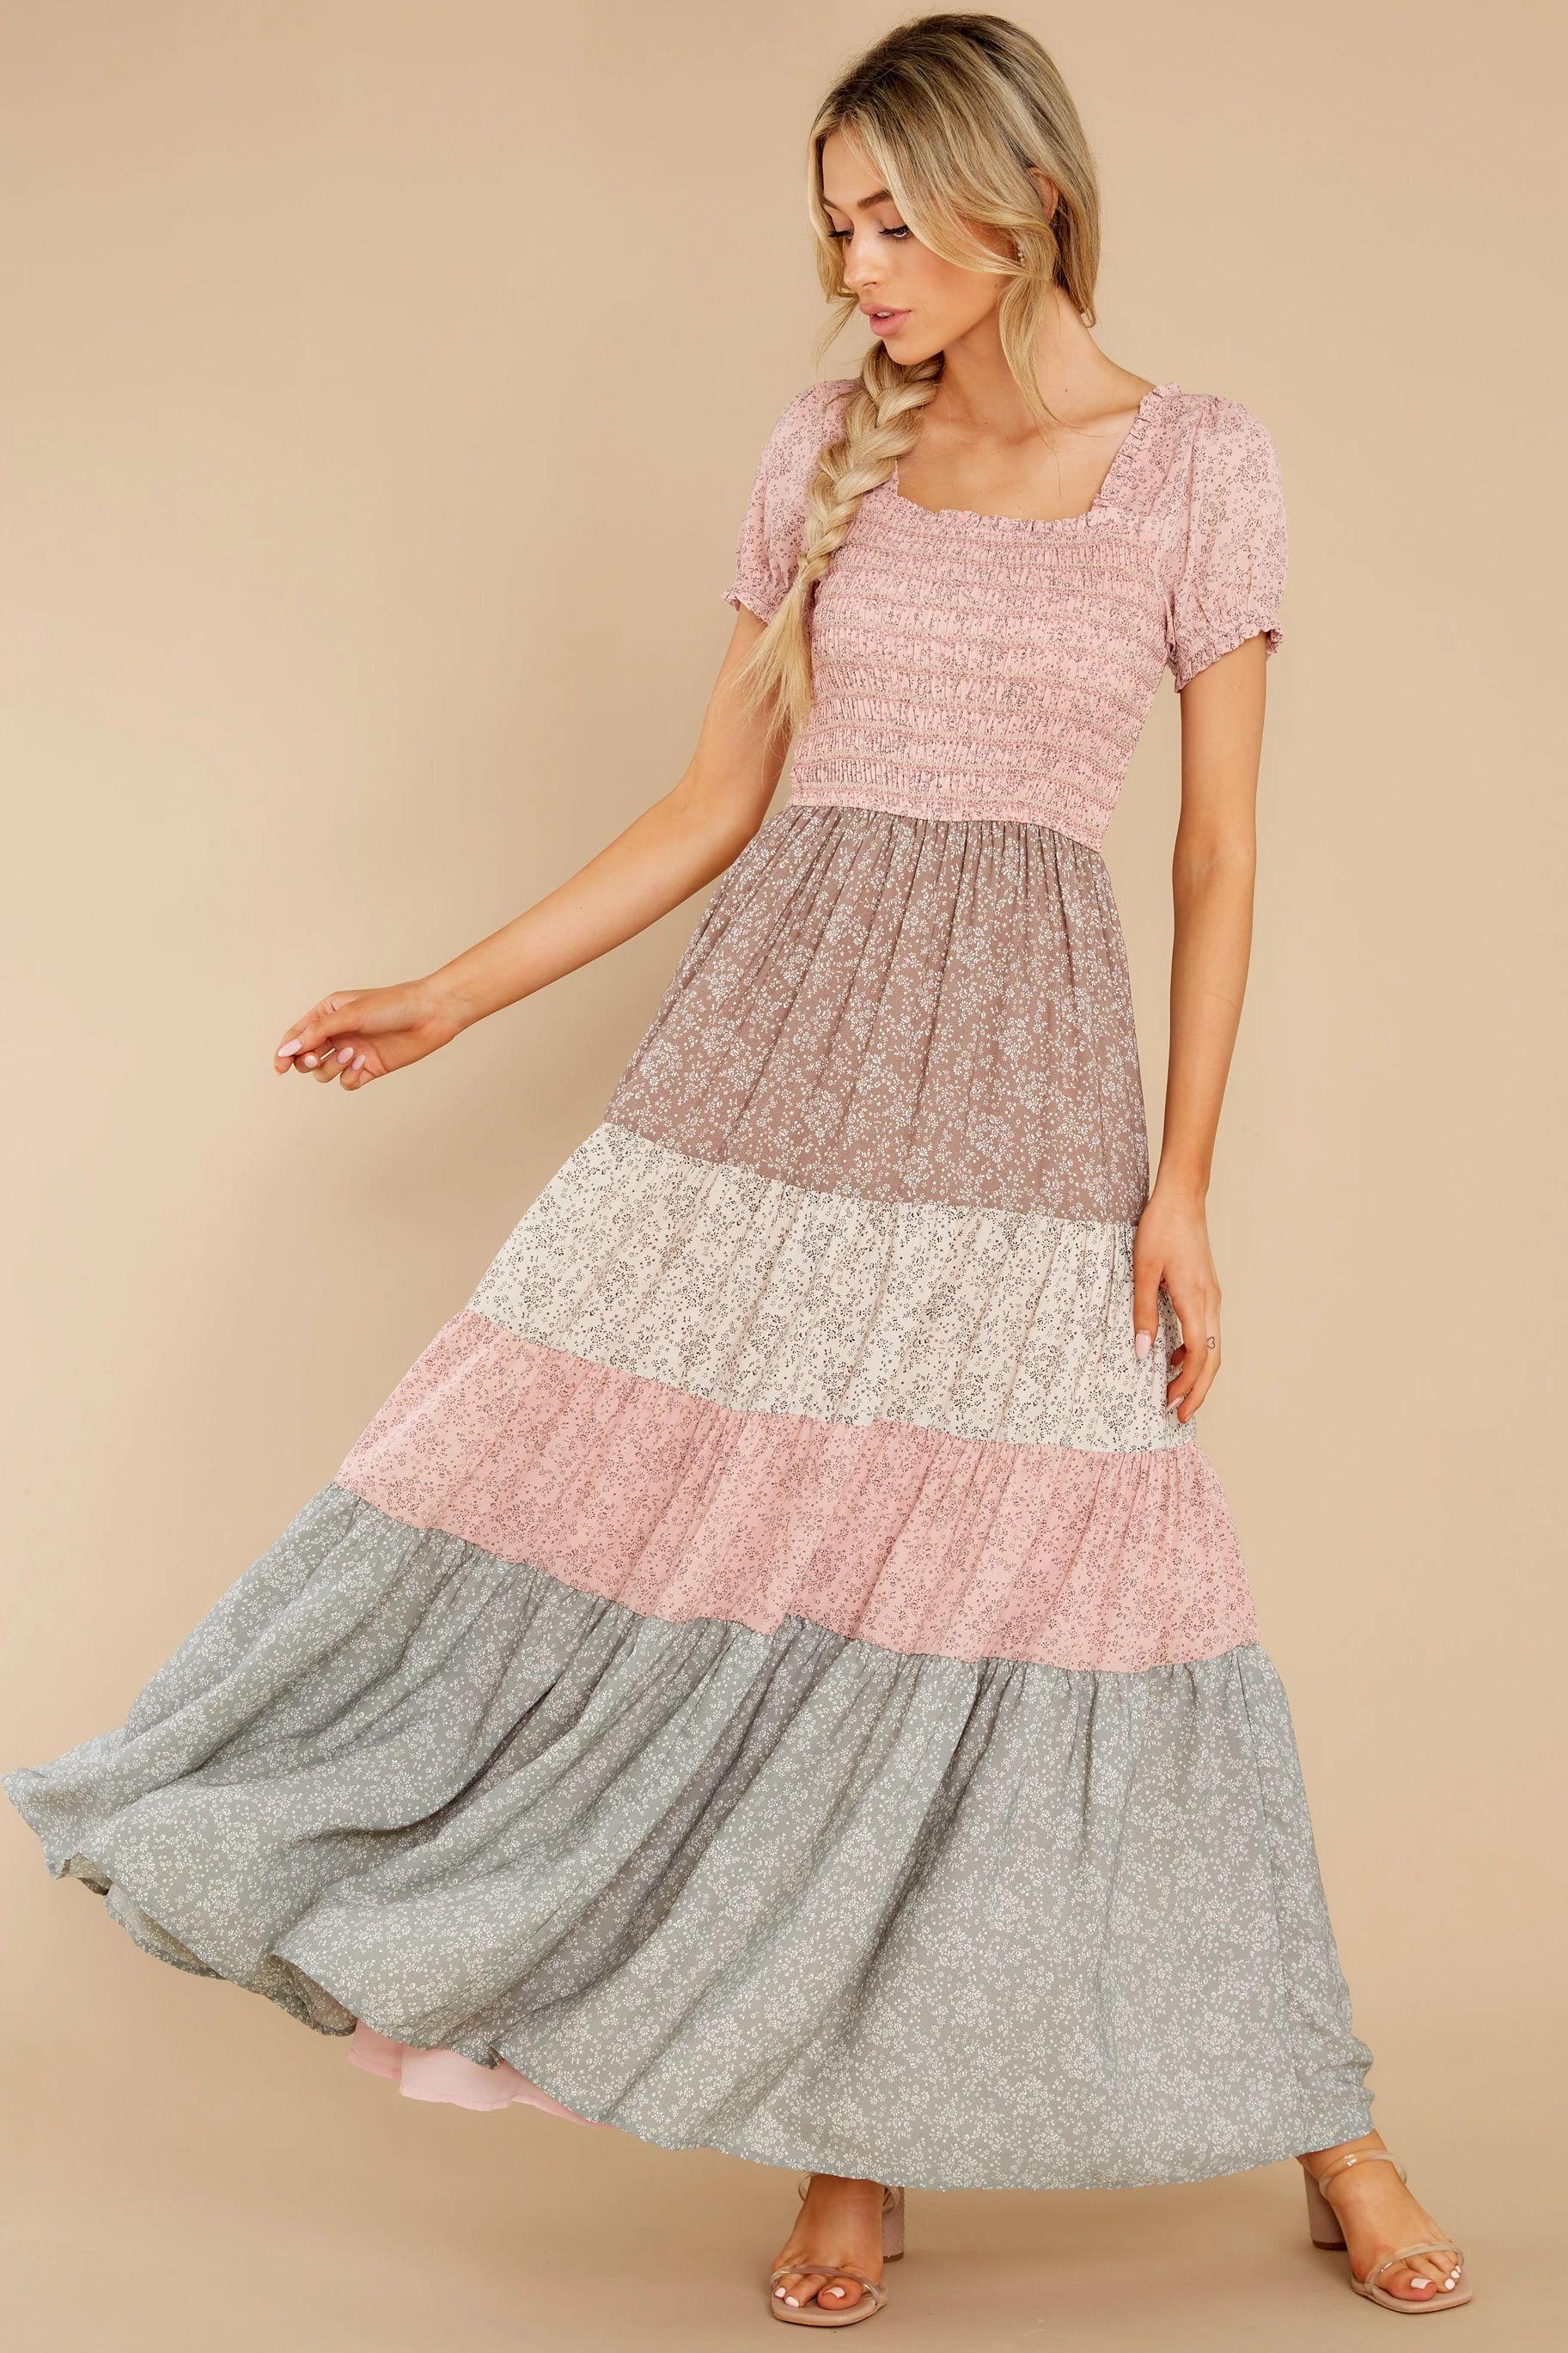 Vintage Style Dresses Vintage Inspired Dresses Vintage Maxi Dress Maxi Dress Trendy Maxi Dresses [ 2738 x 1825 Pixel ]